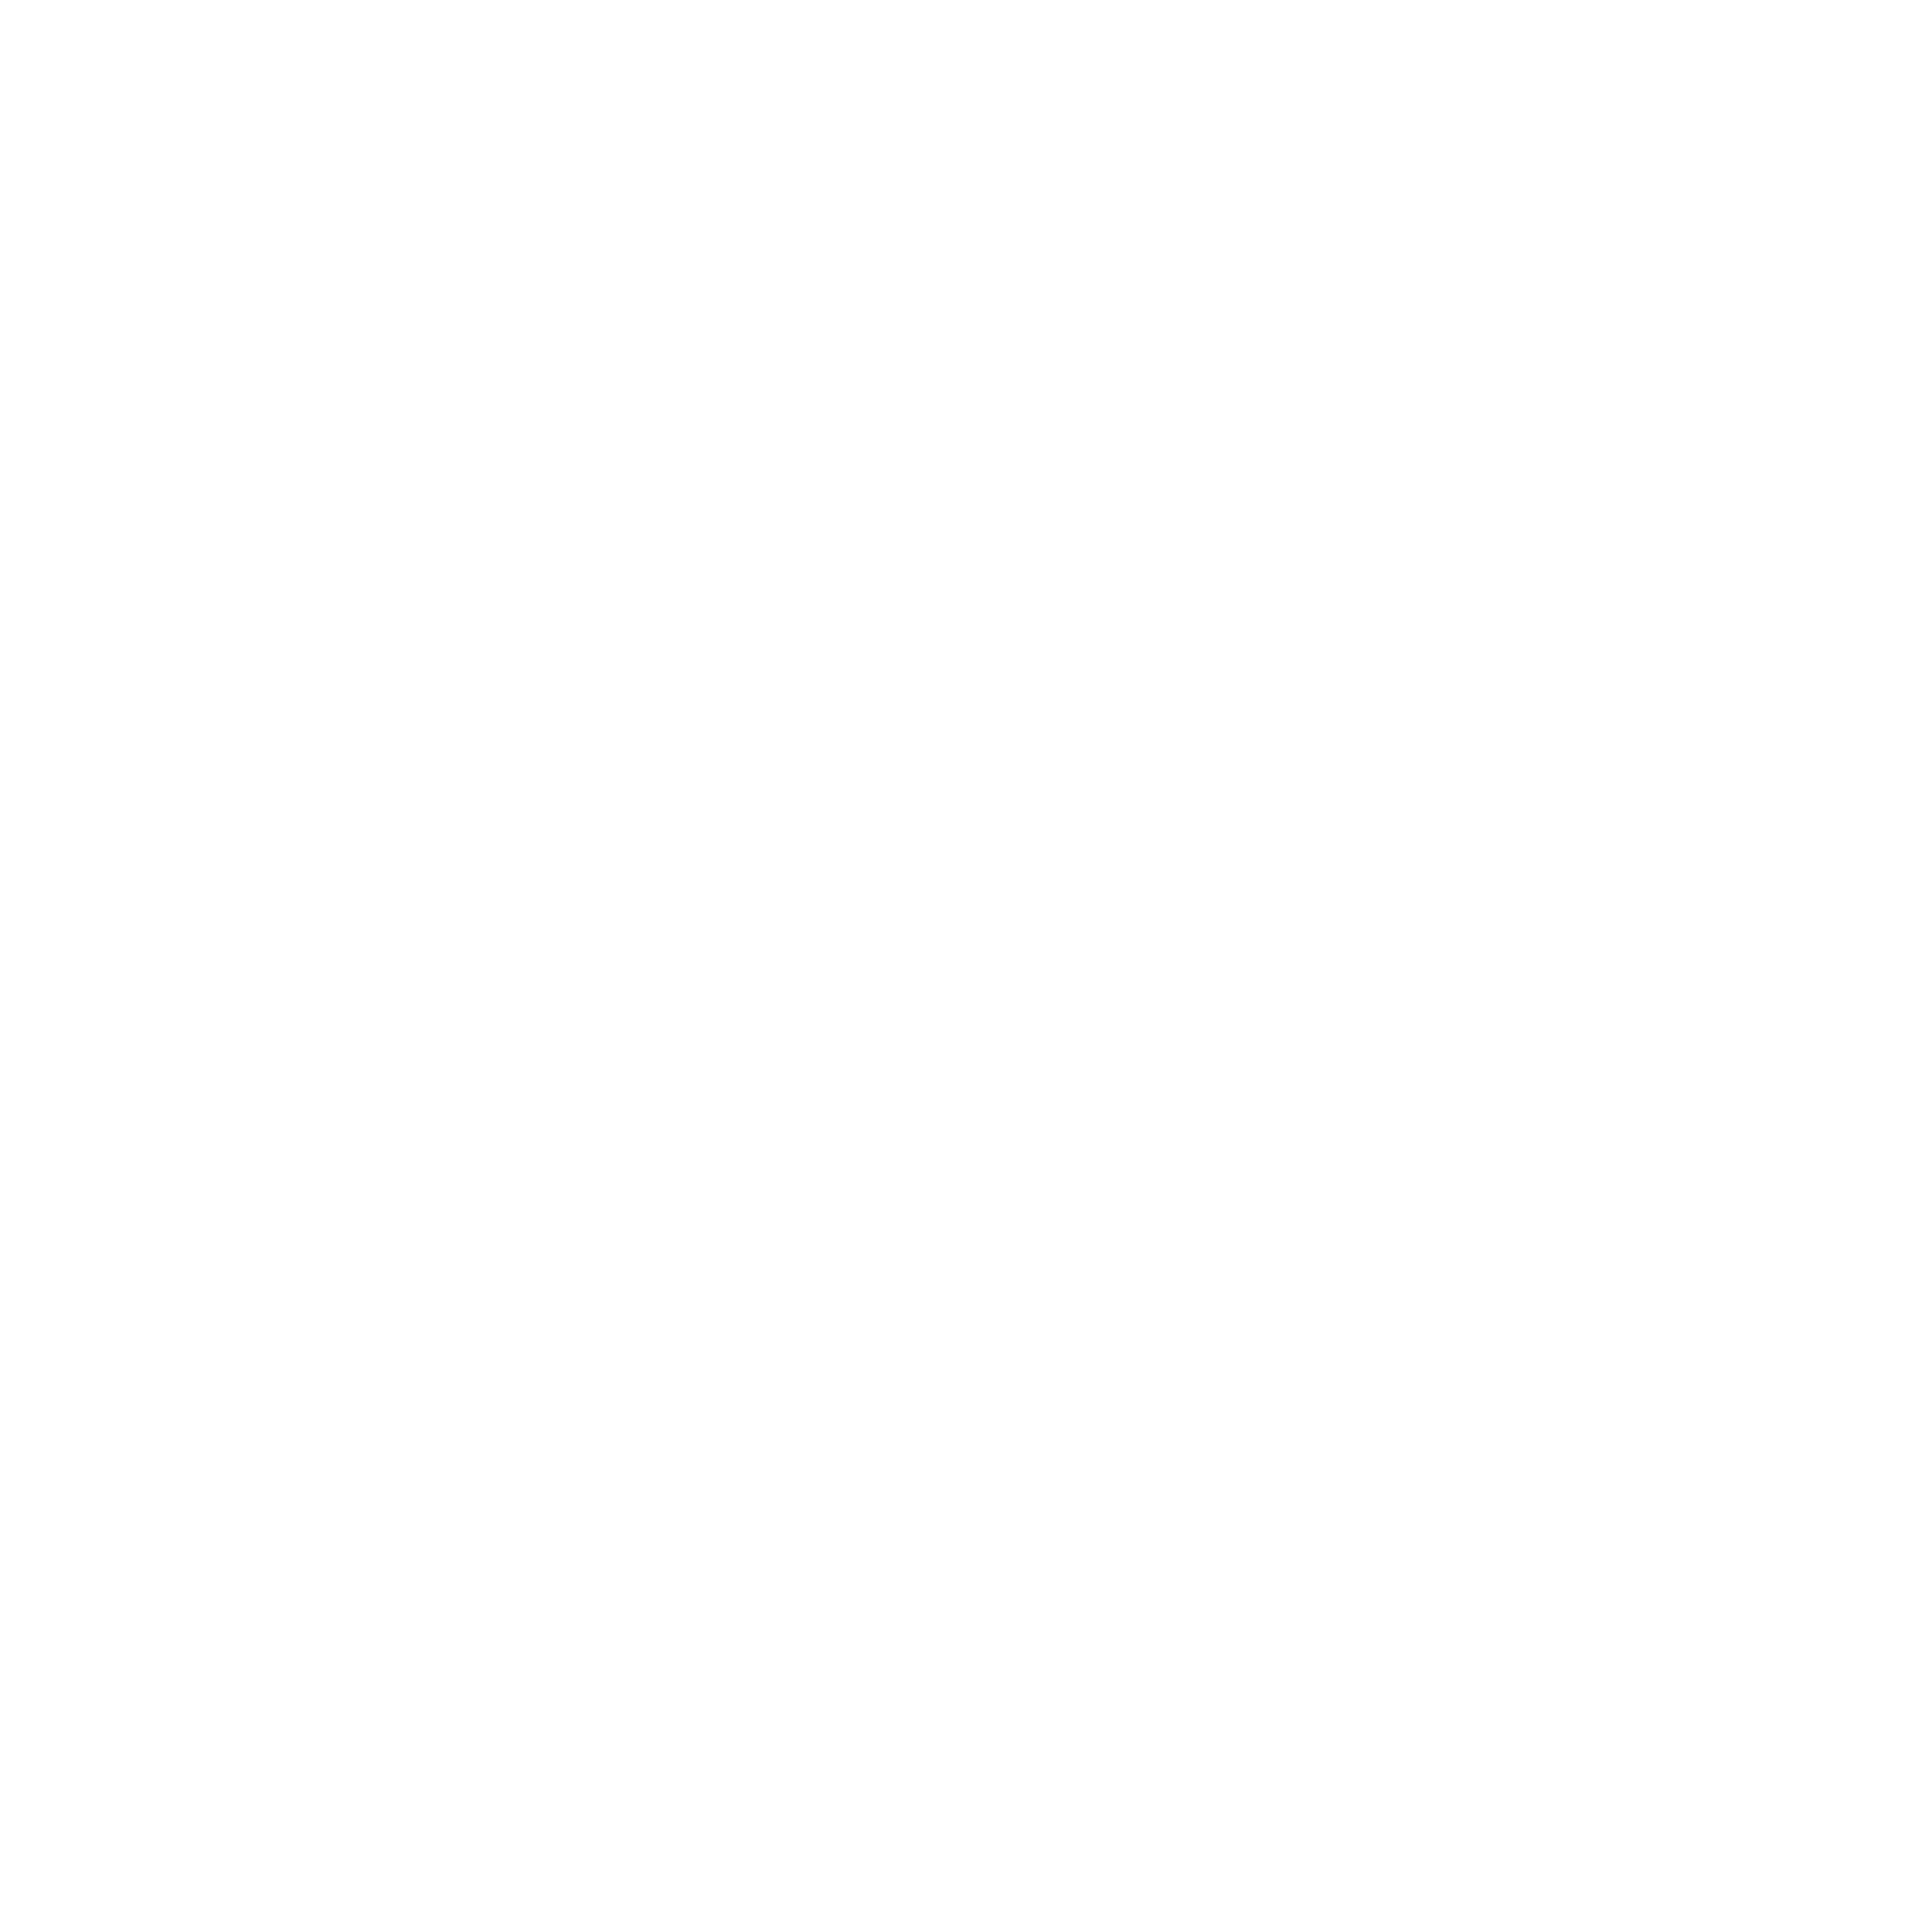 Wir sind auch bei facebook zu finden